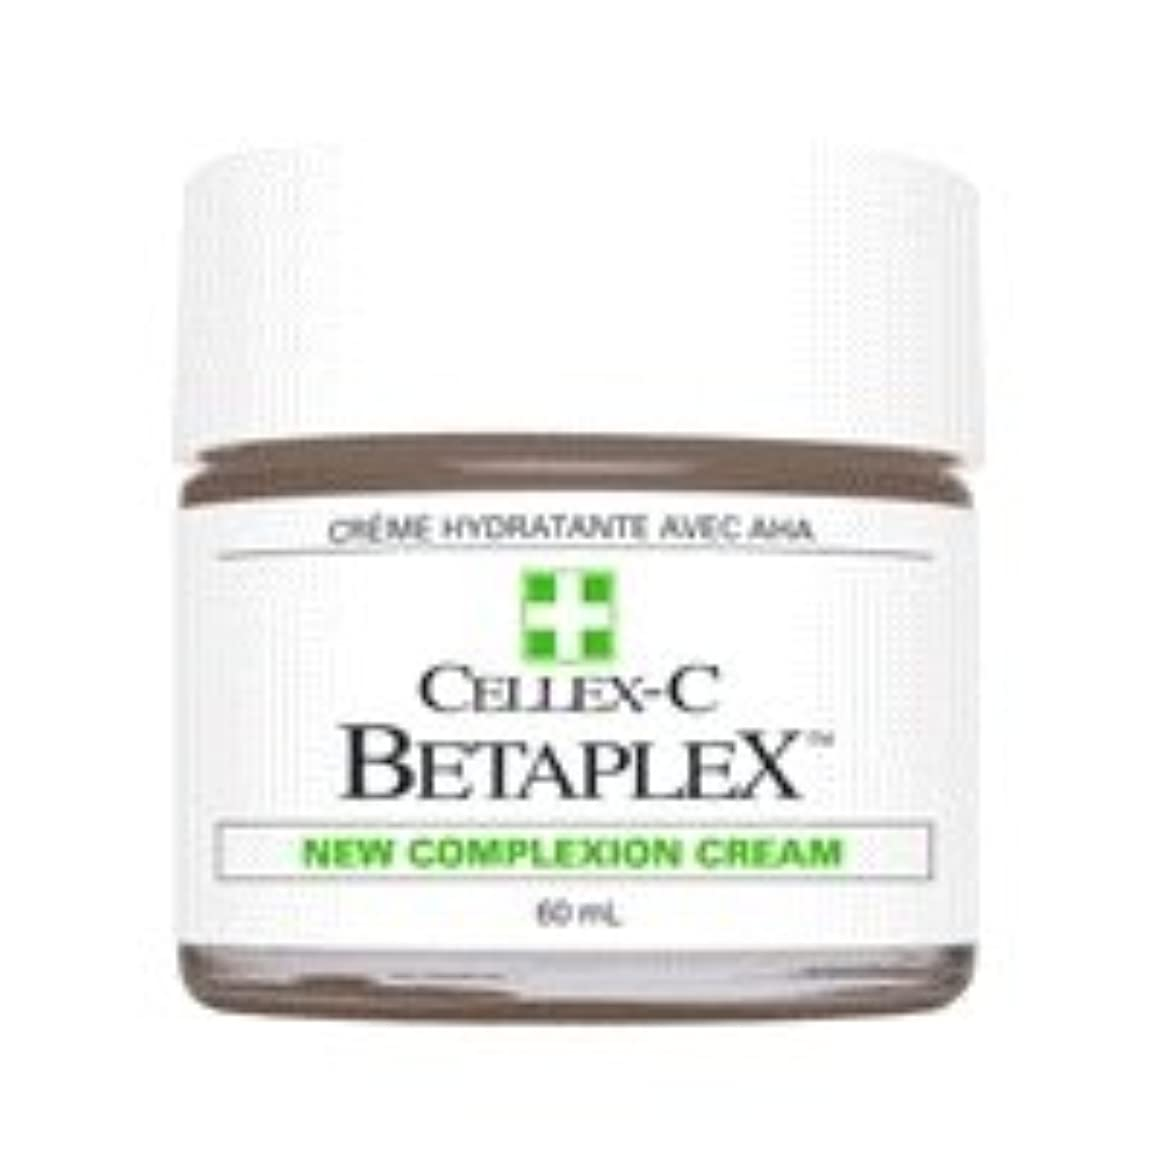 インタフェース待ってソースセレックスC Betaplex ニューコンプレクション クリーム 60ml 60ml